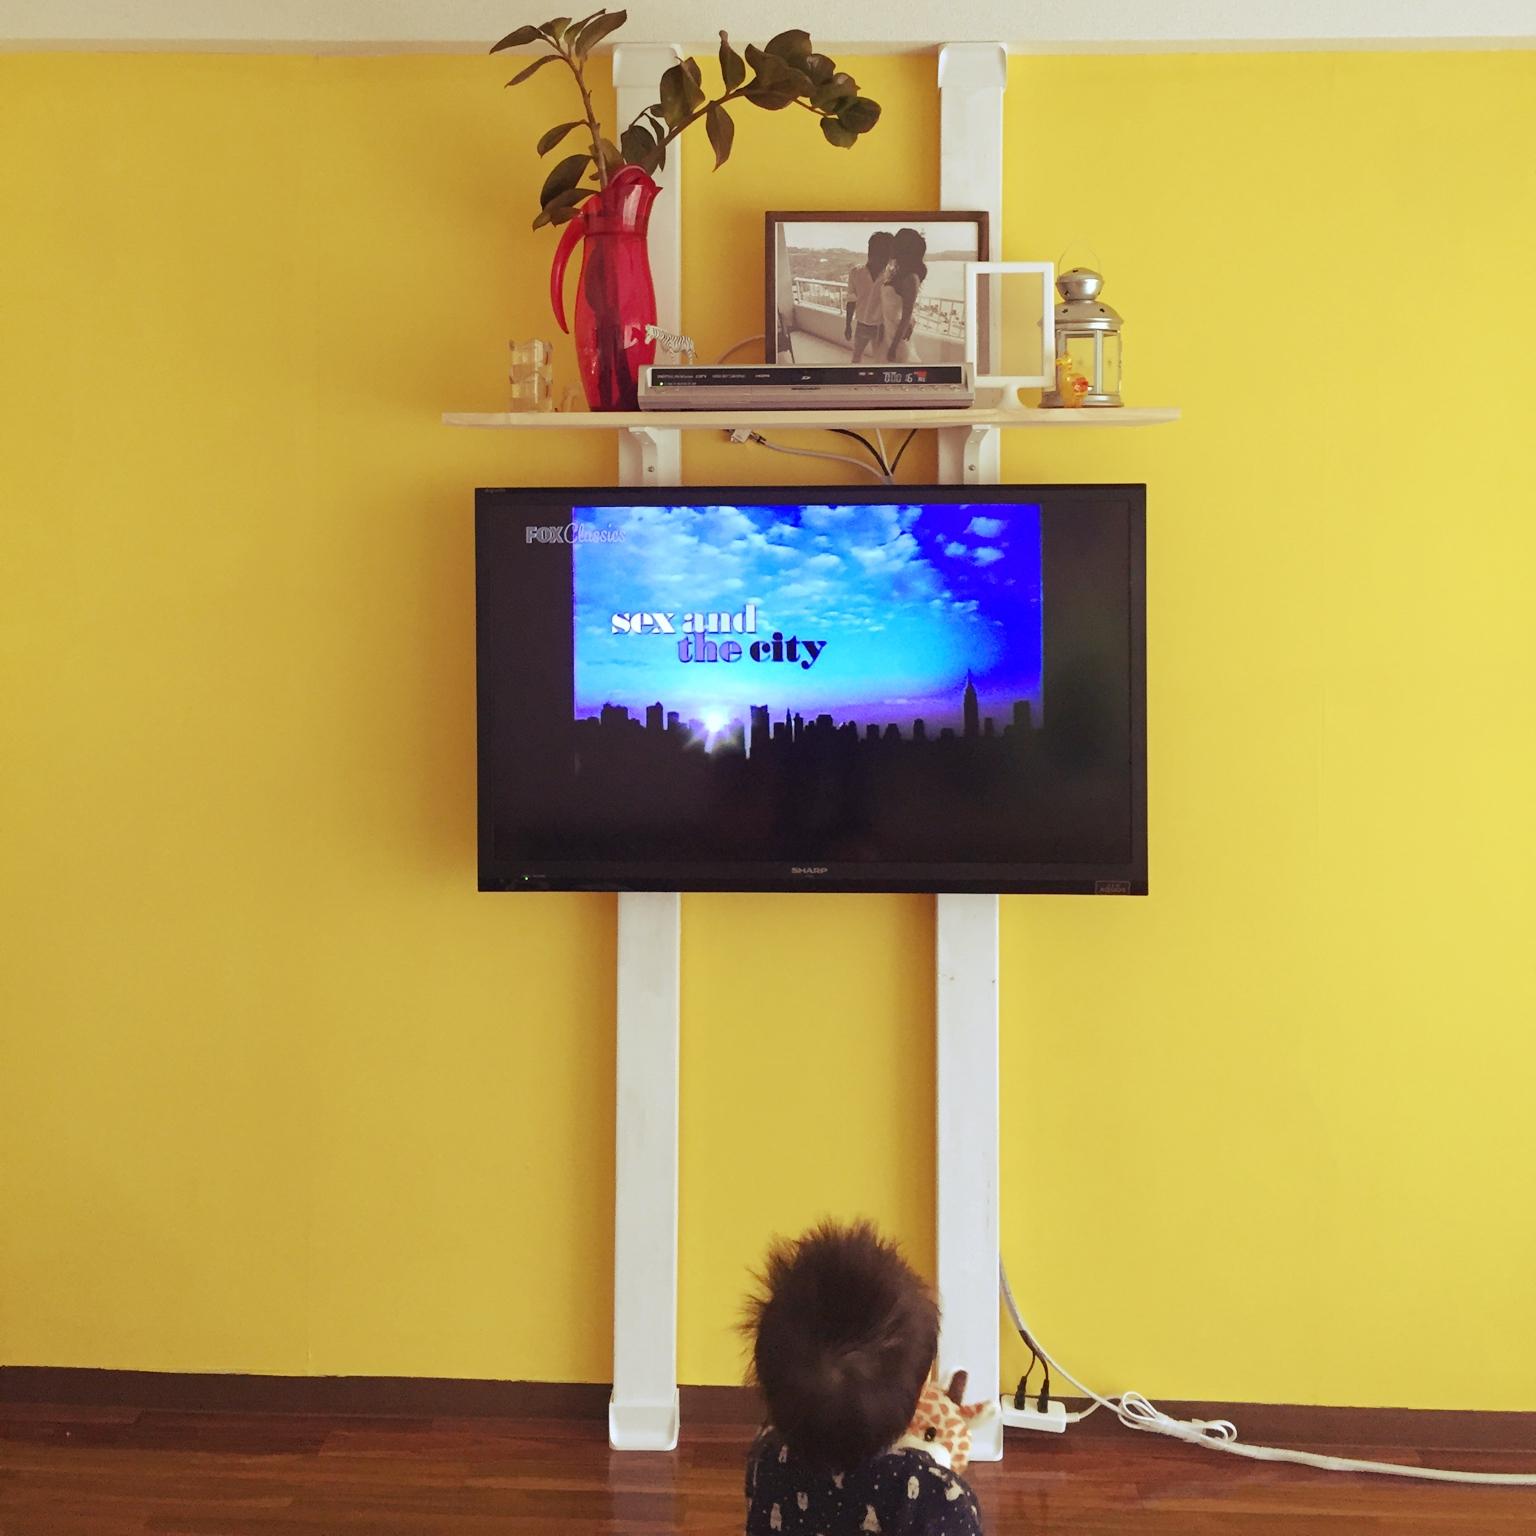 女性で、3LDK、家族住まいの賃貸でも諦めない!/賃貸DIY/テレビ/フォトフレーム/100均/IKEA…などについてのインテリア実例を紹介。